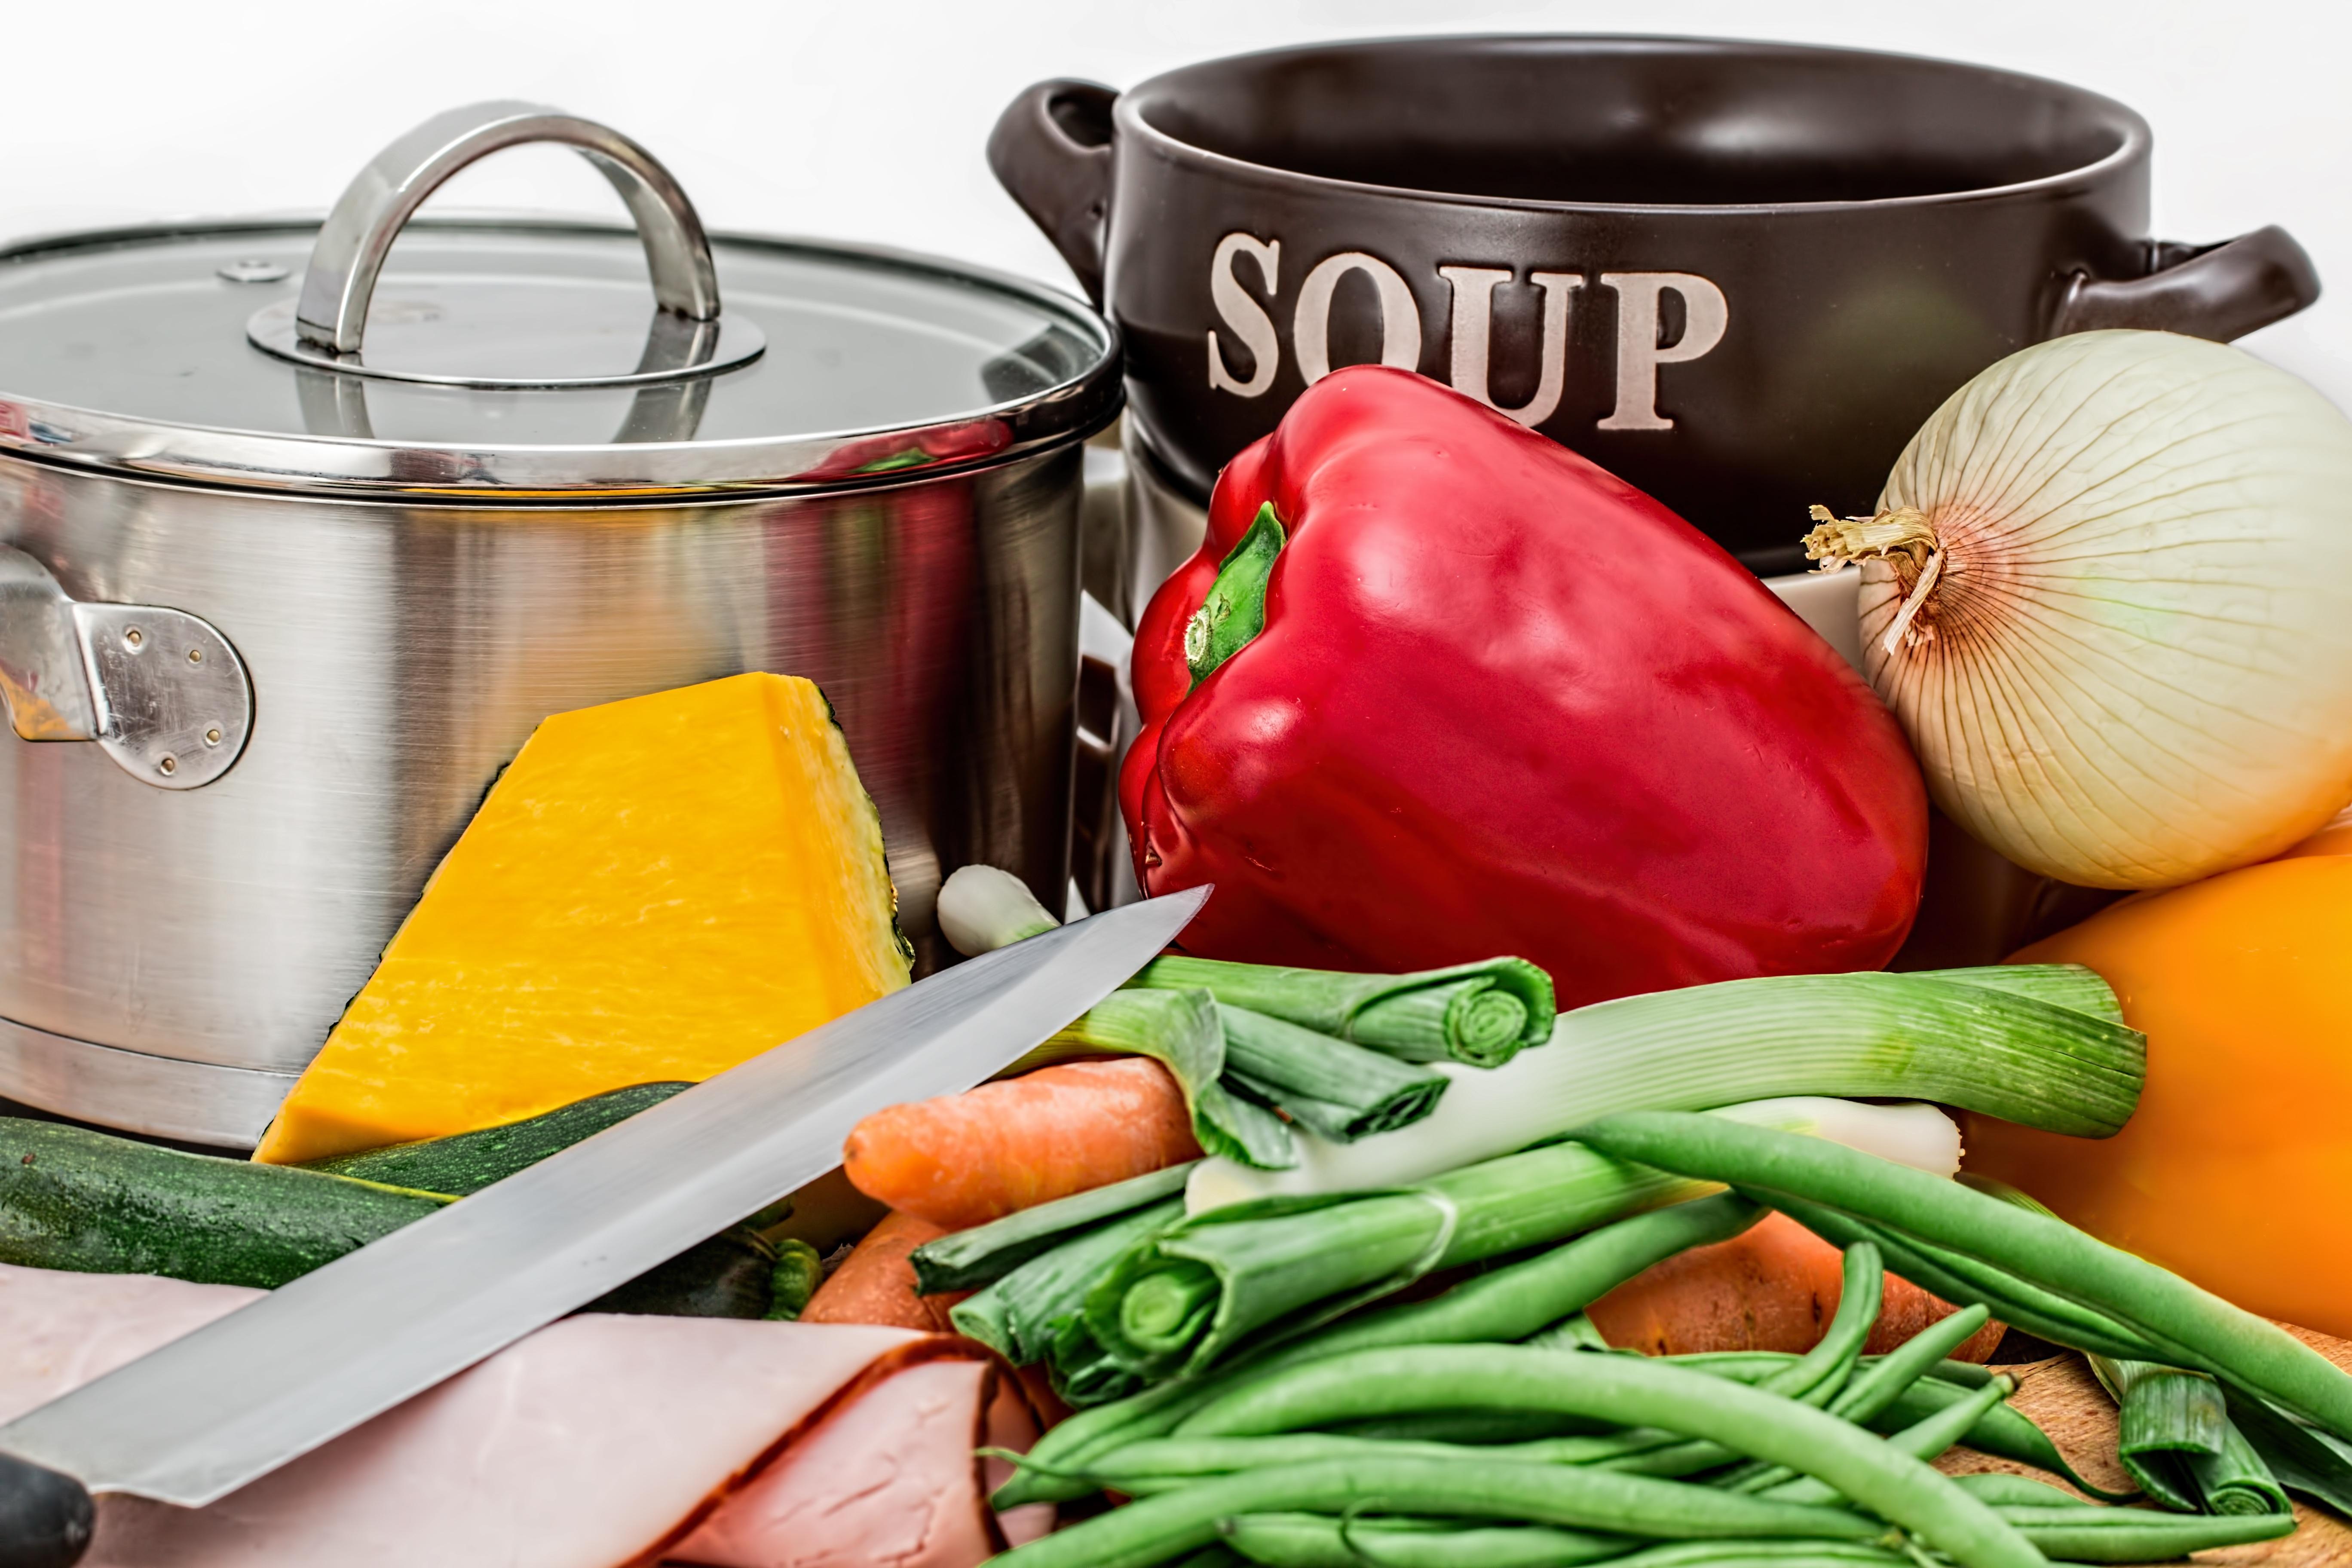 Evde Yemek Yaparak Para Kazanmak